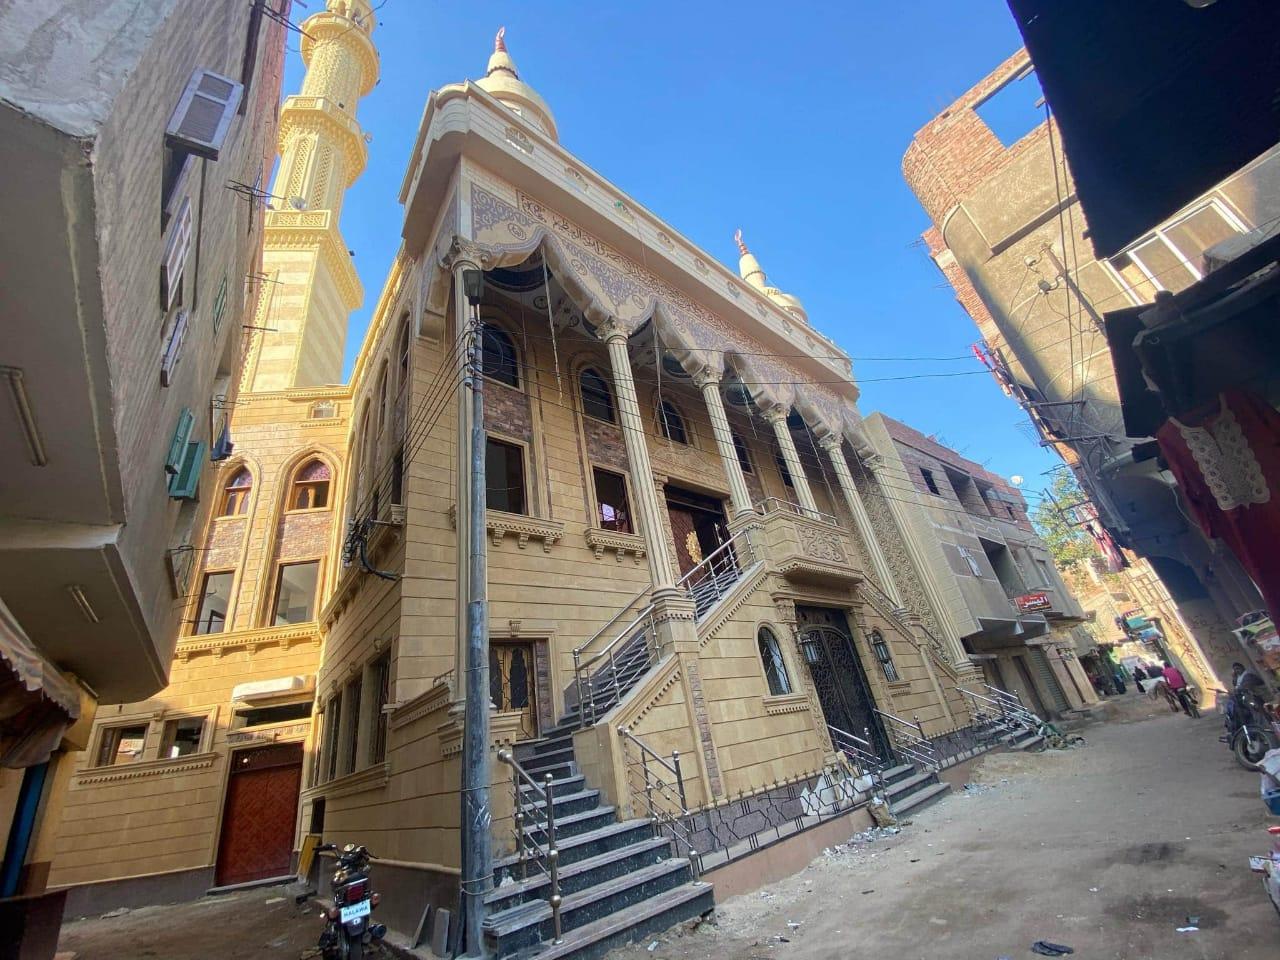 مسجد-السوابعة-ميت-يعيش-الدقهلية